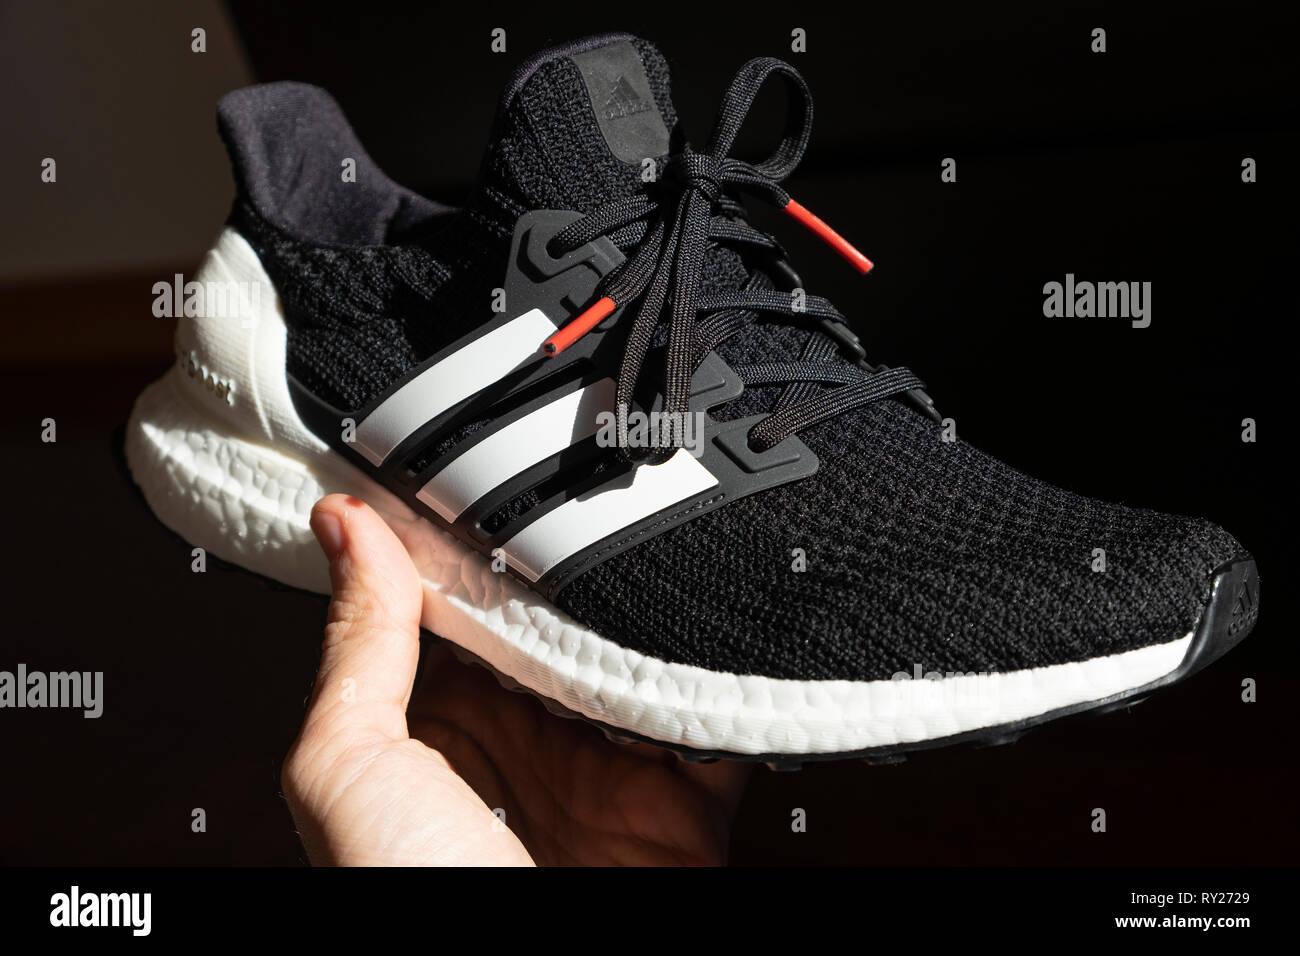 chaussures de séparation 15deb 4a2ec Personne titulaire d'un noir adidas chaussure de course ...